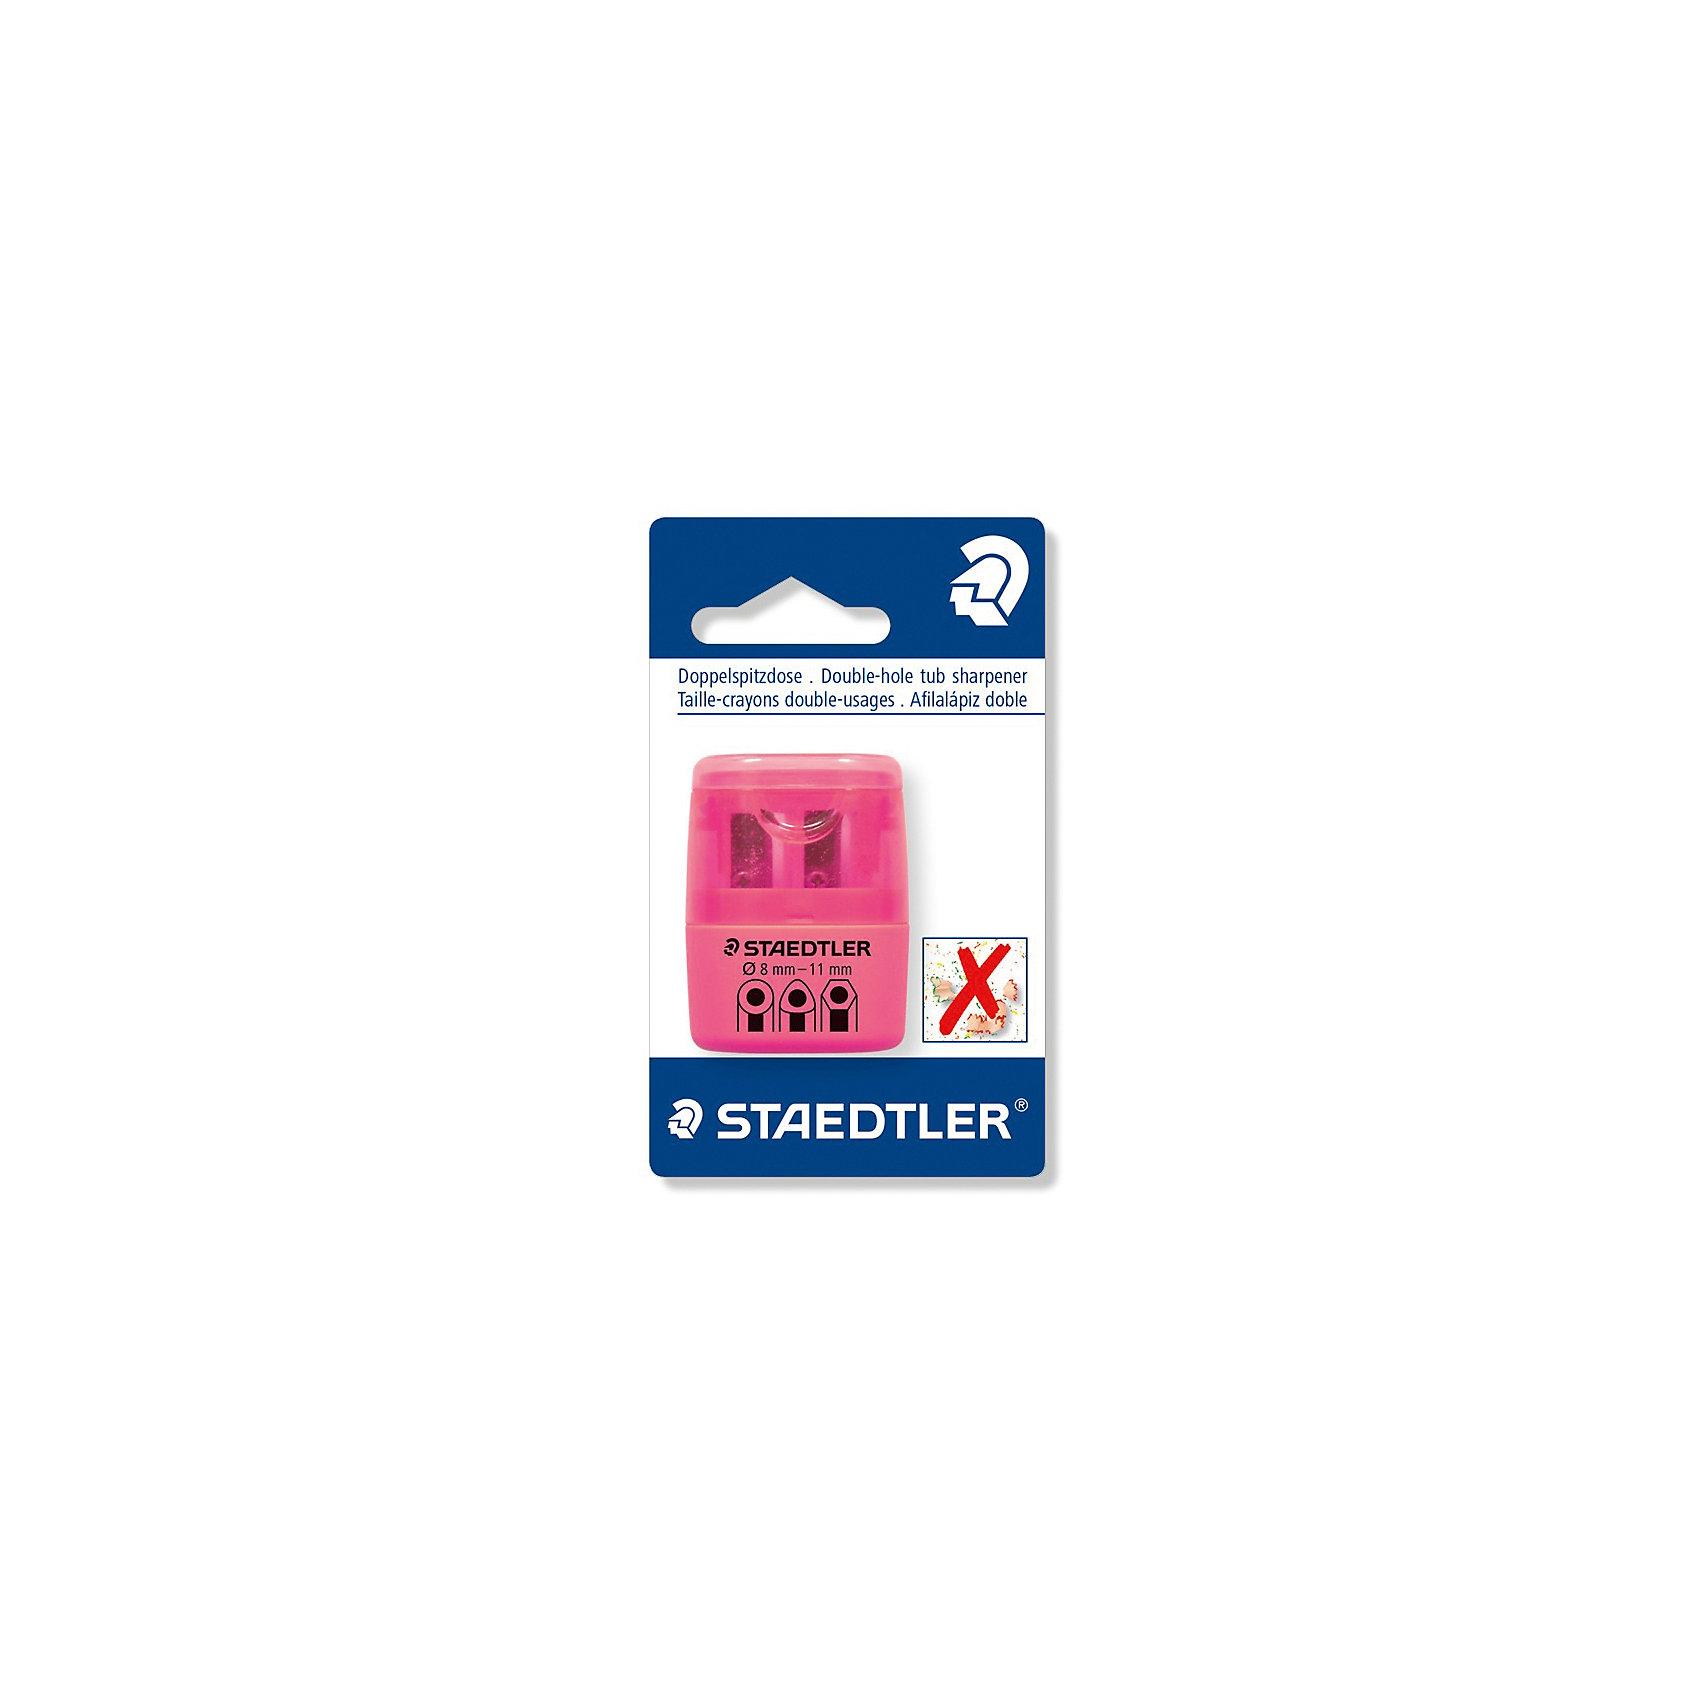 Точилка Staedtler 2 отверстия, розовый неонПисьменные принадлежности<br>Характеристики:<br><br>• возраст: от 5 лет<br>• количество отверстий: 2<br>• материал: пластик, металл<br>• цвет: неон розовый<br>• упаковка: блистер<br>• размер упаковки: 10х7х3 см.<br><br>Точилка в пластиковом корпусе на 2 отверстия подходит для чернографитовых стандартных карандашей диаметром до 8,2 мм с углом заточки 23° для четких и аккуратных линий. Также для толстых чернографитовых и цветных карандашей диаметром до 11 мм, угол заточки 30° для широких и ровных линий. Металлическая затачивающая часть. Закрытая конструкция предотвращает высыпание мусора во время заточки. Безопасный крепеж крышки.<br><br>STAEDTLER Точилку в пластиковом корпусе на 2 отверстия, неон розовый можно купить в нашем интернет-магазине.<br><br>Ширина мм: 110<br>Глубина мм: 66<br>Высота мм: 27<br>Вес г: 19<br>Возраст от месяцев: 60<br>Возраст до месяцев: 2147483647<br>Пол: Унисекс<br>Возраст: Детский<br>SKU: 7065368